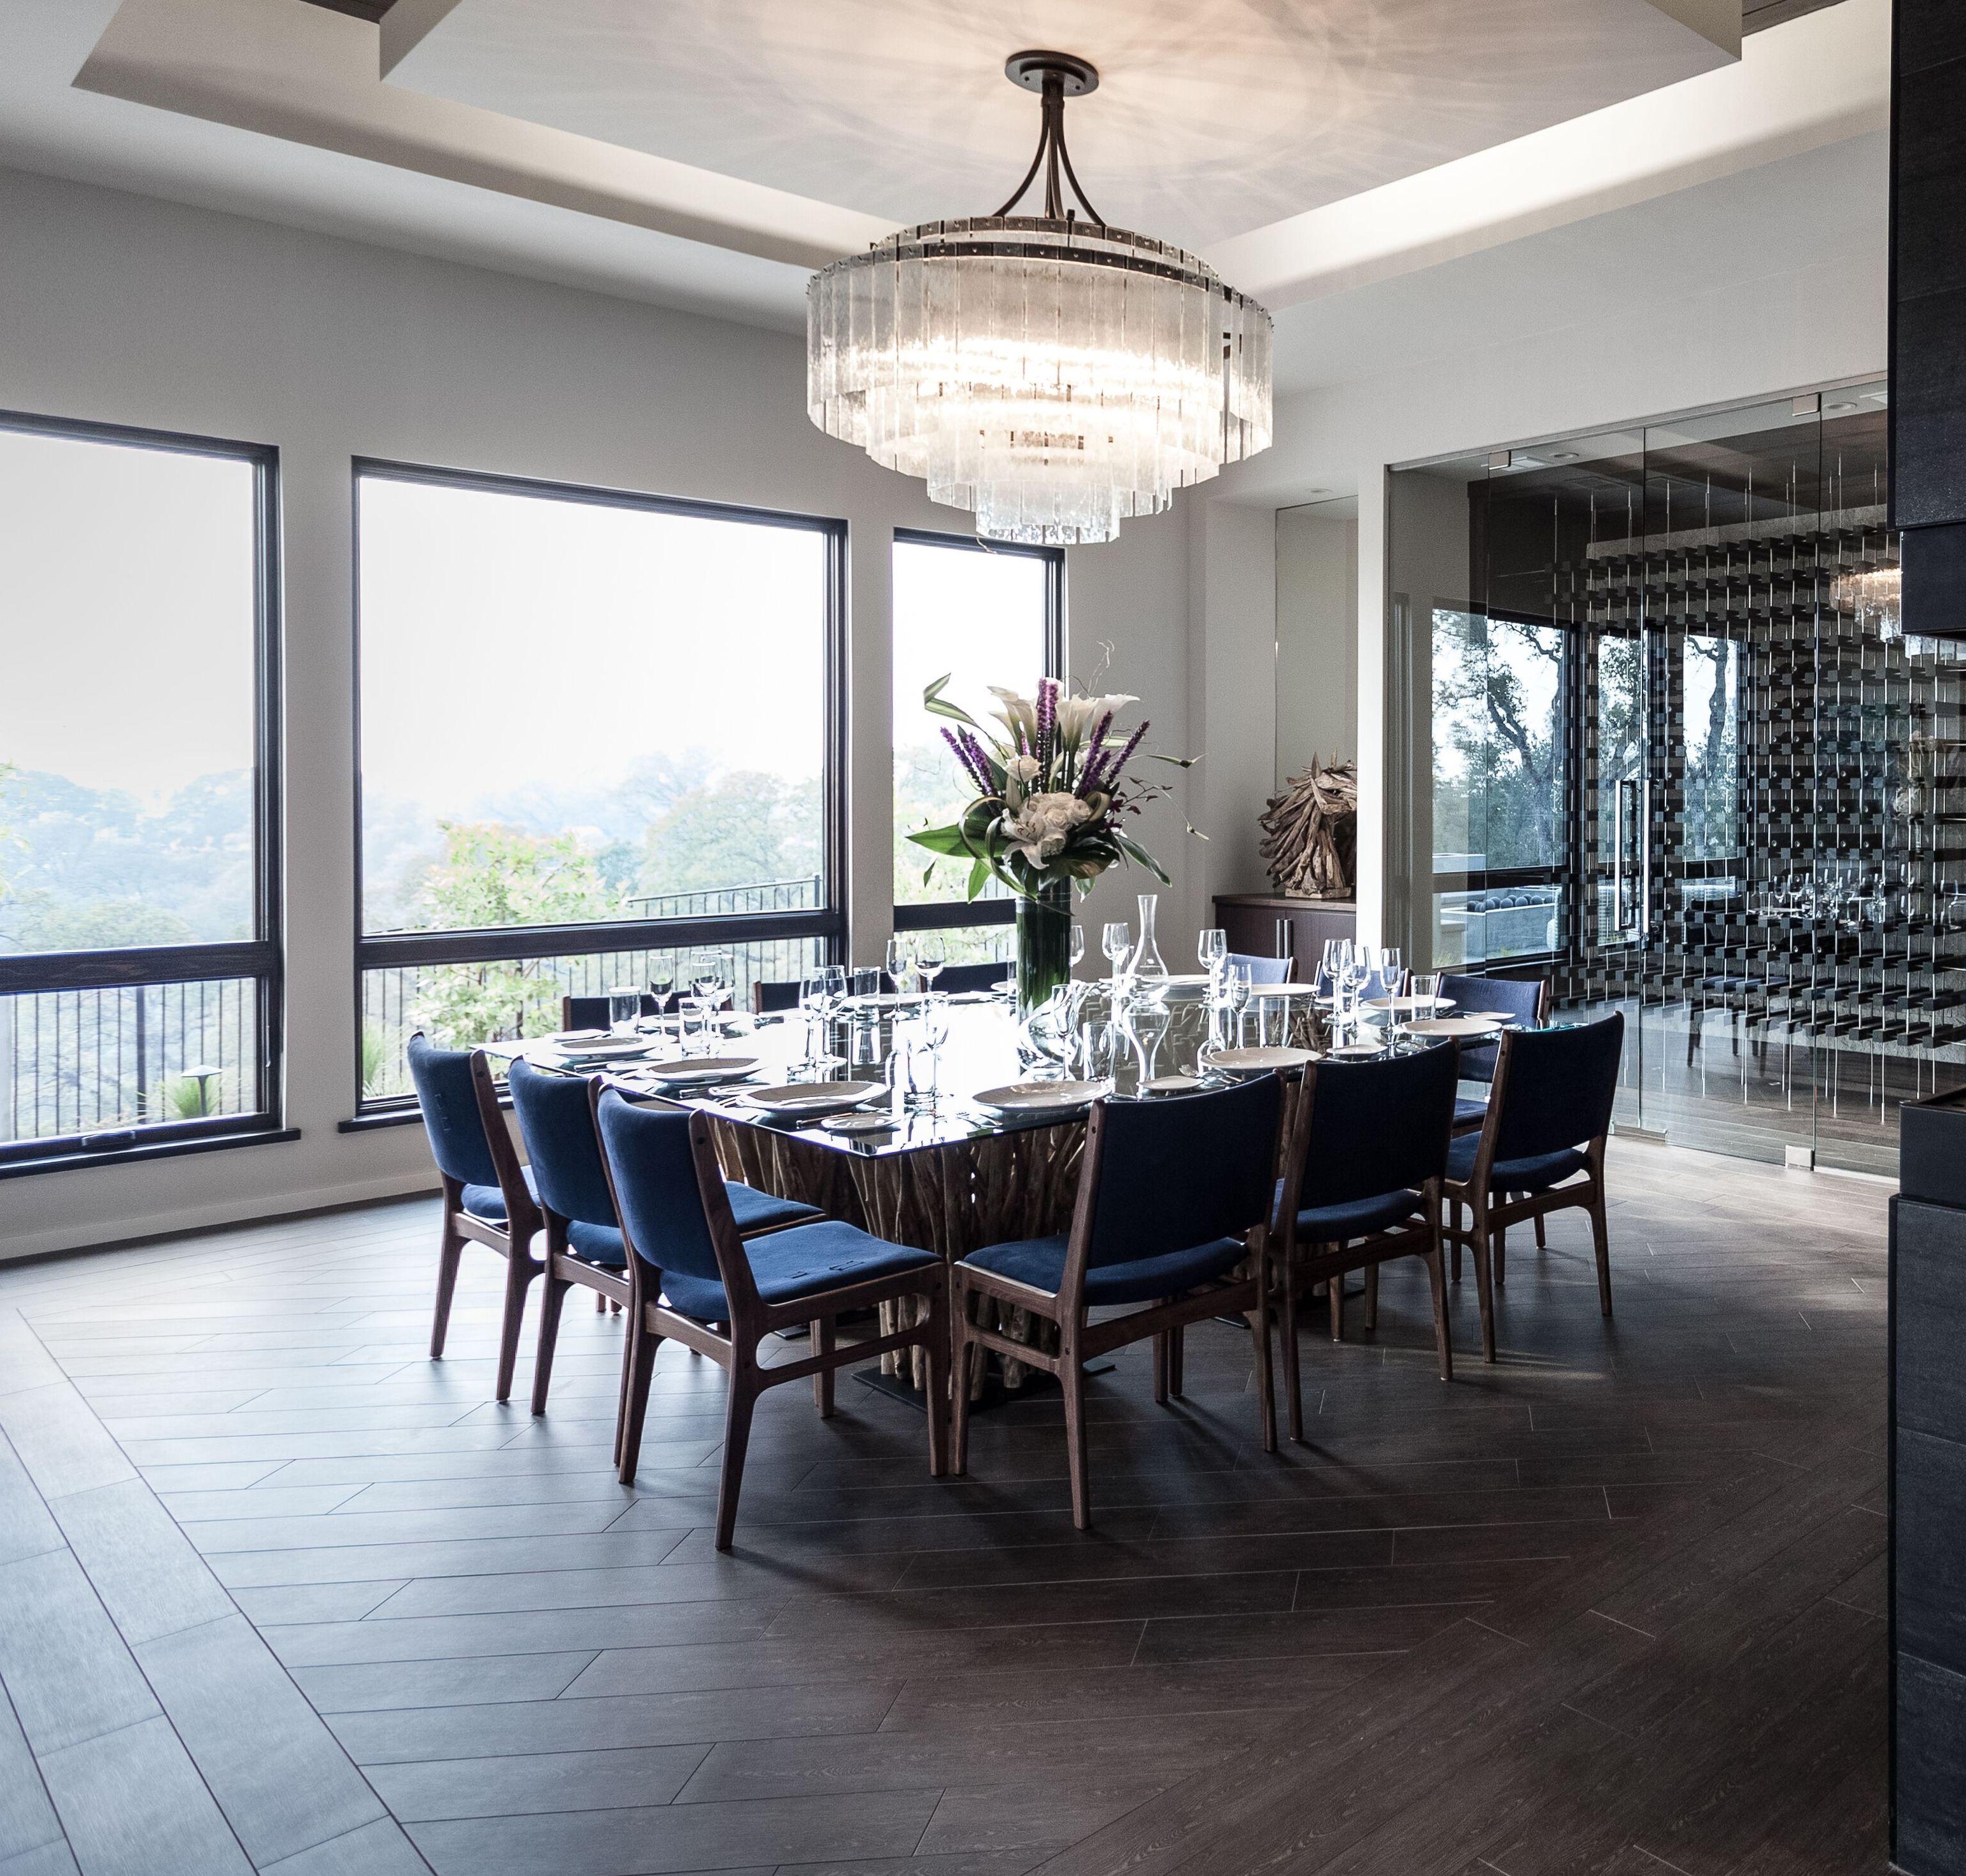 Atemberaubend Elegante Küche Und Bad Delray Beach Bilder - Ideen Für ...